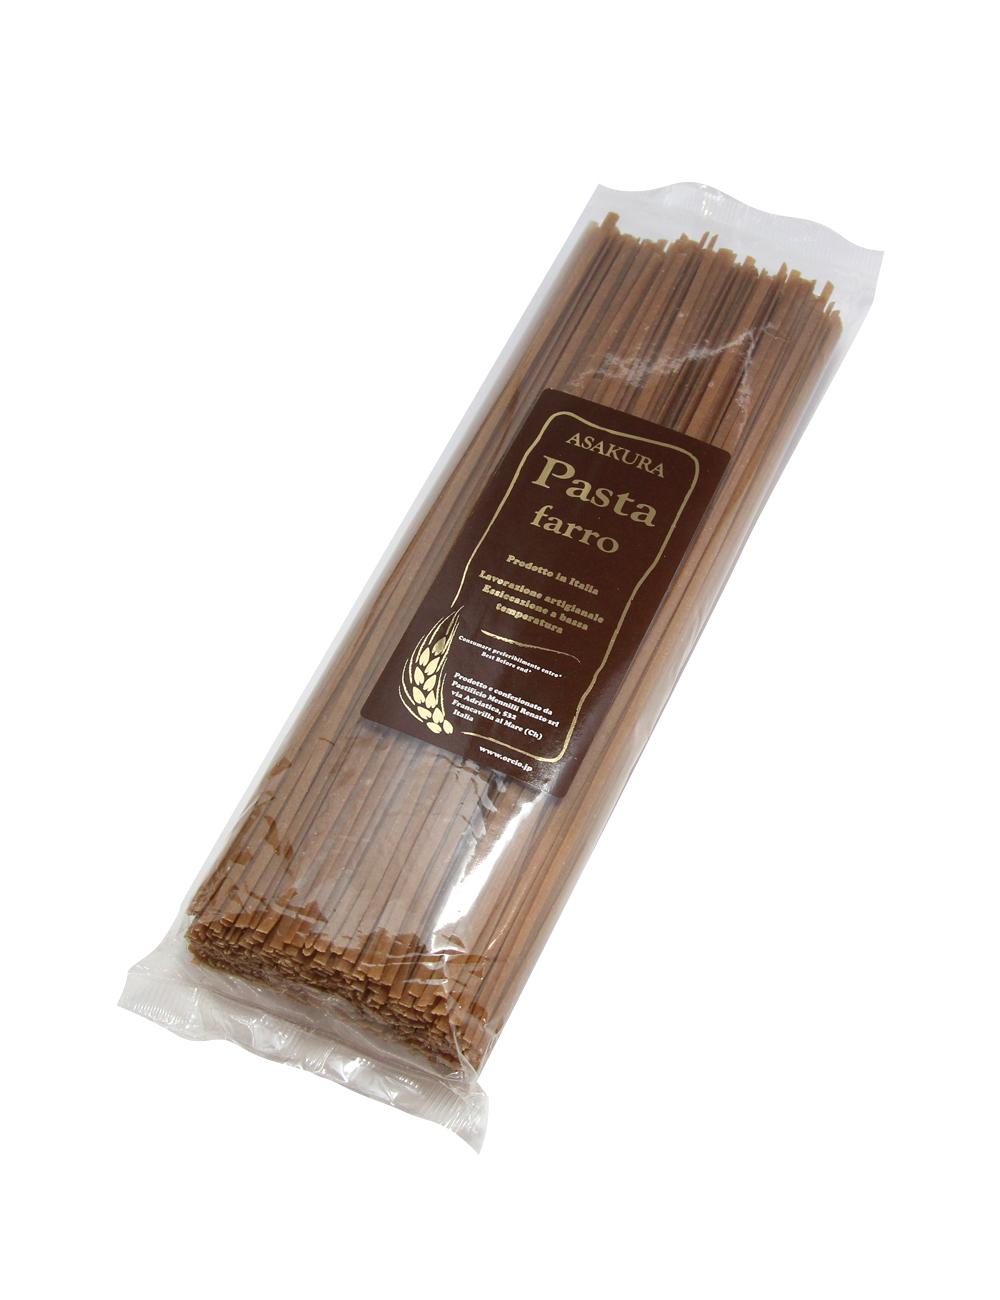 アサクラパスタ 古代小麦ファッロ(全粉)リングイネ